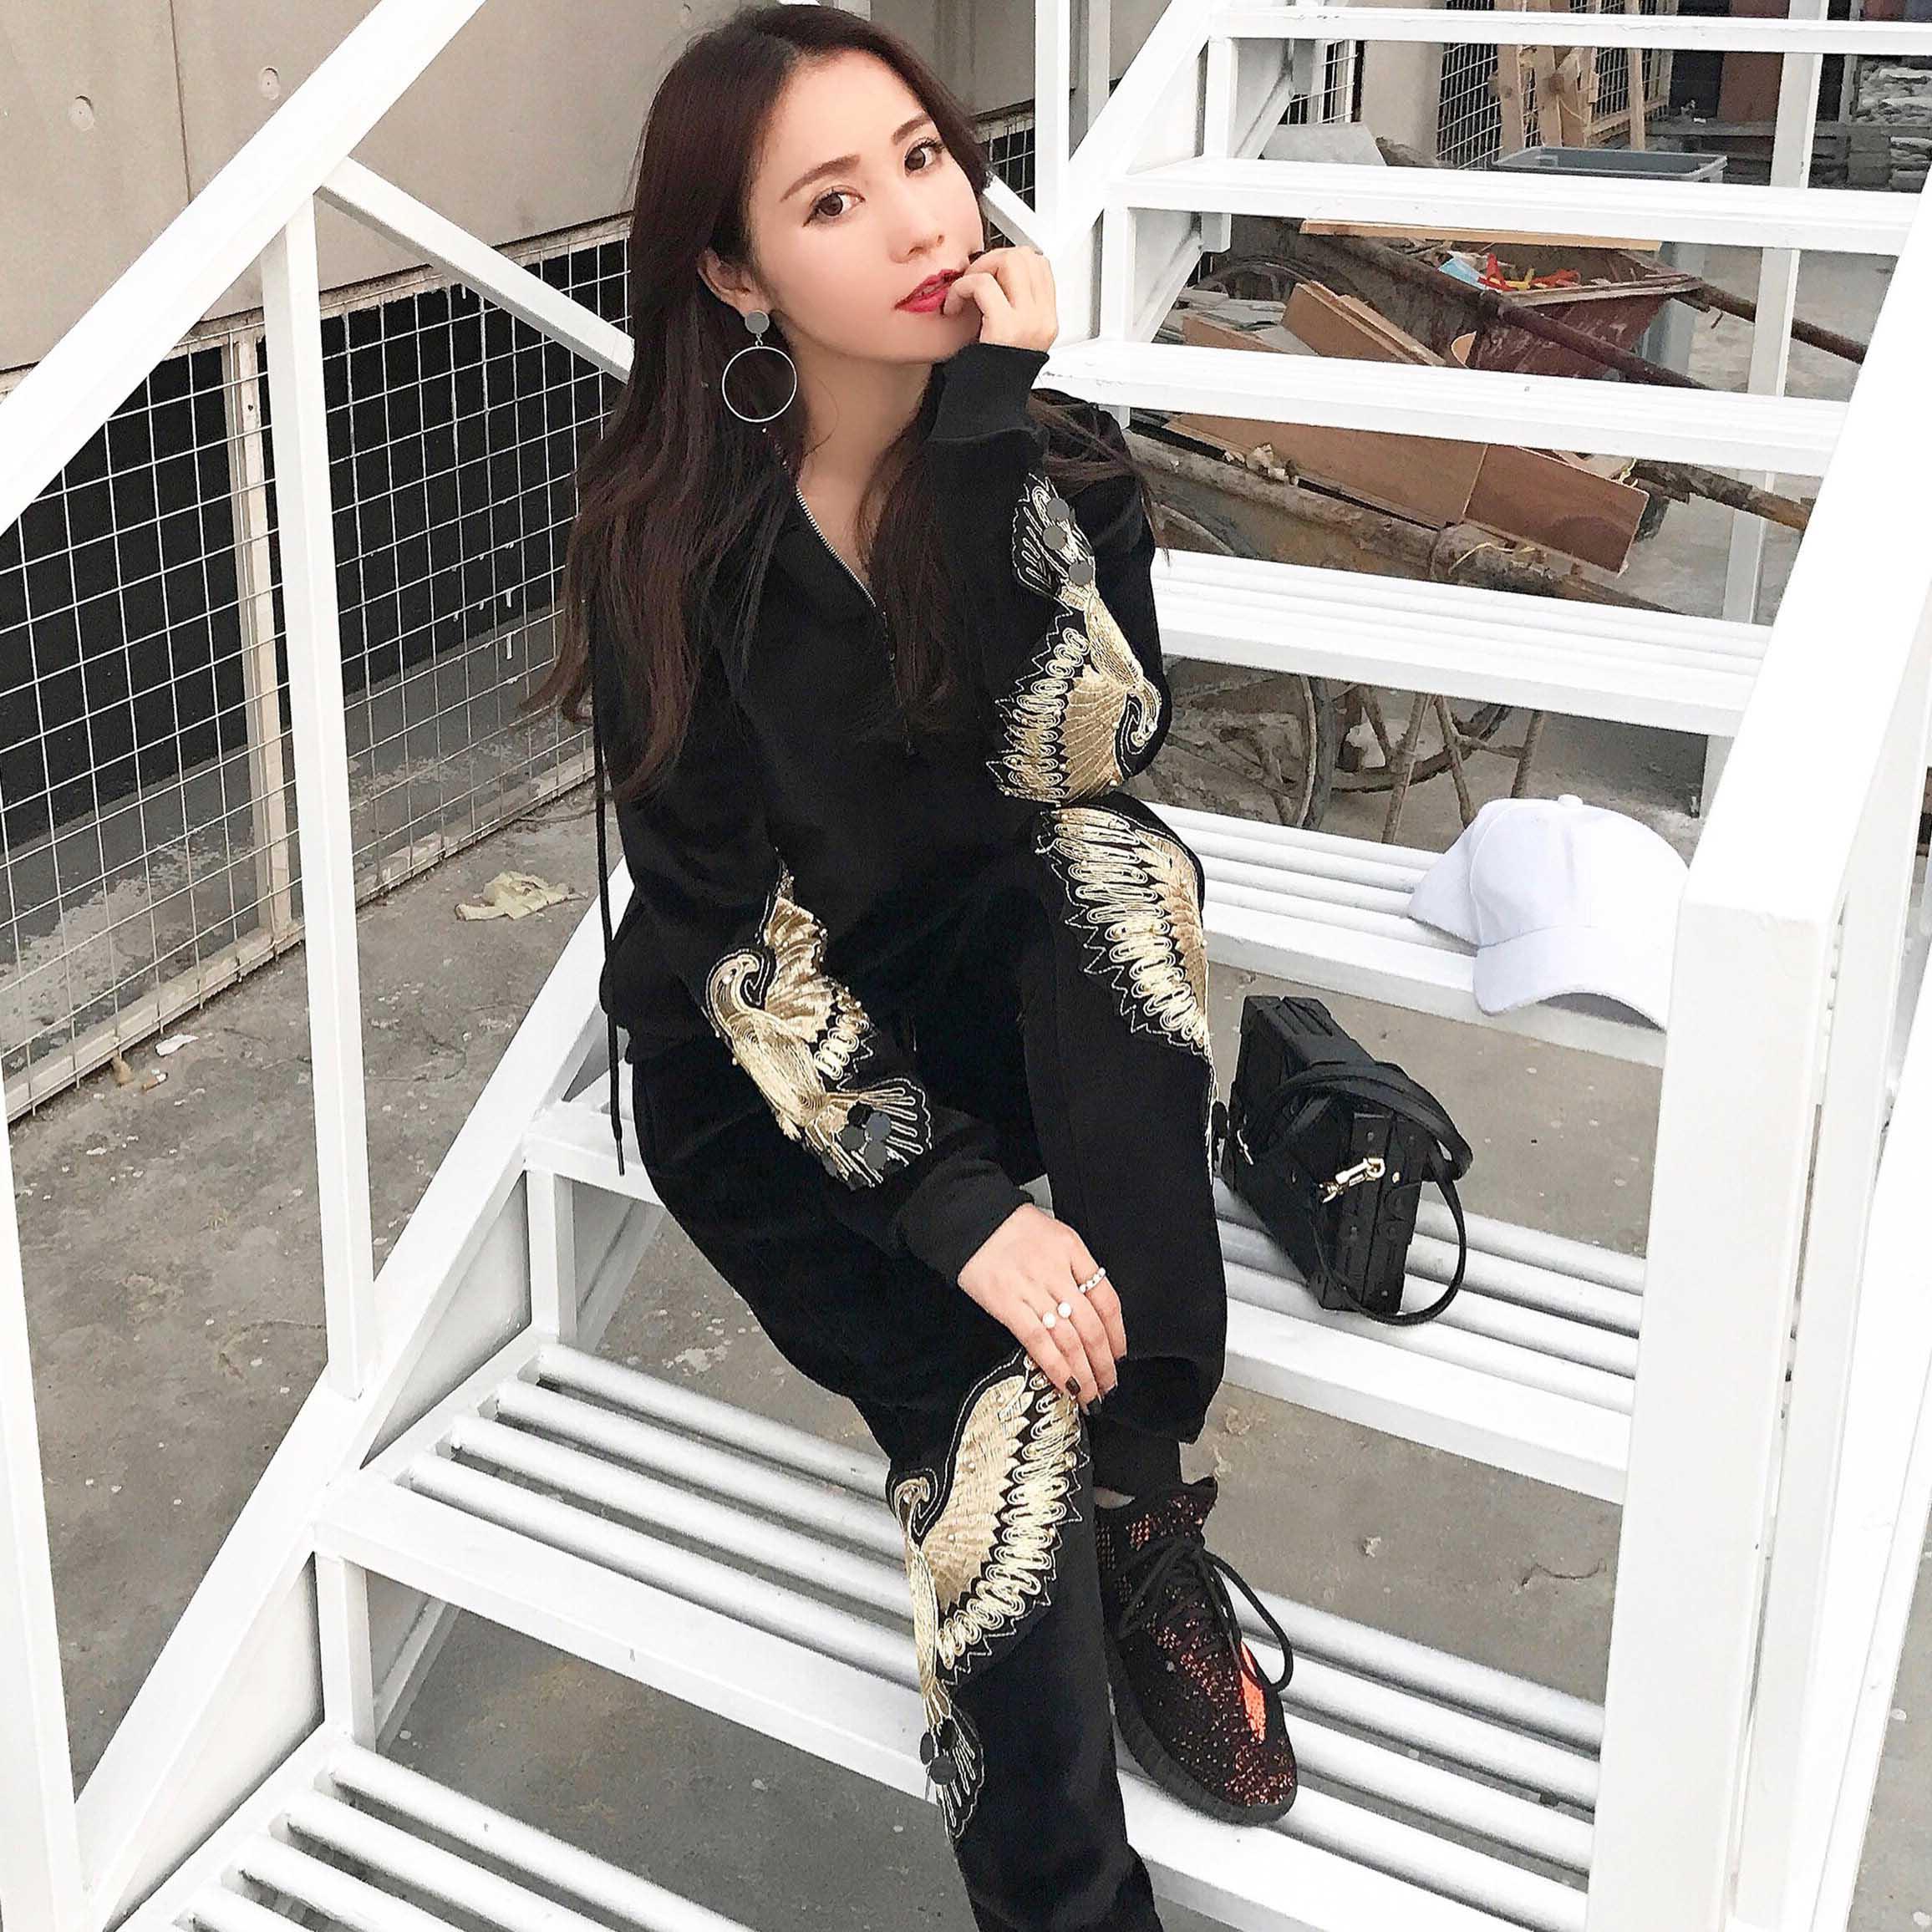 運動休閑套裝女2017新款韓版鼕加絨加厚天鵝金絲絨刺繡時尚兩件套